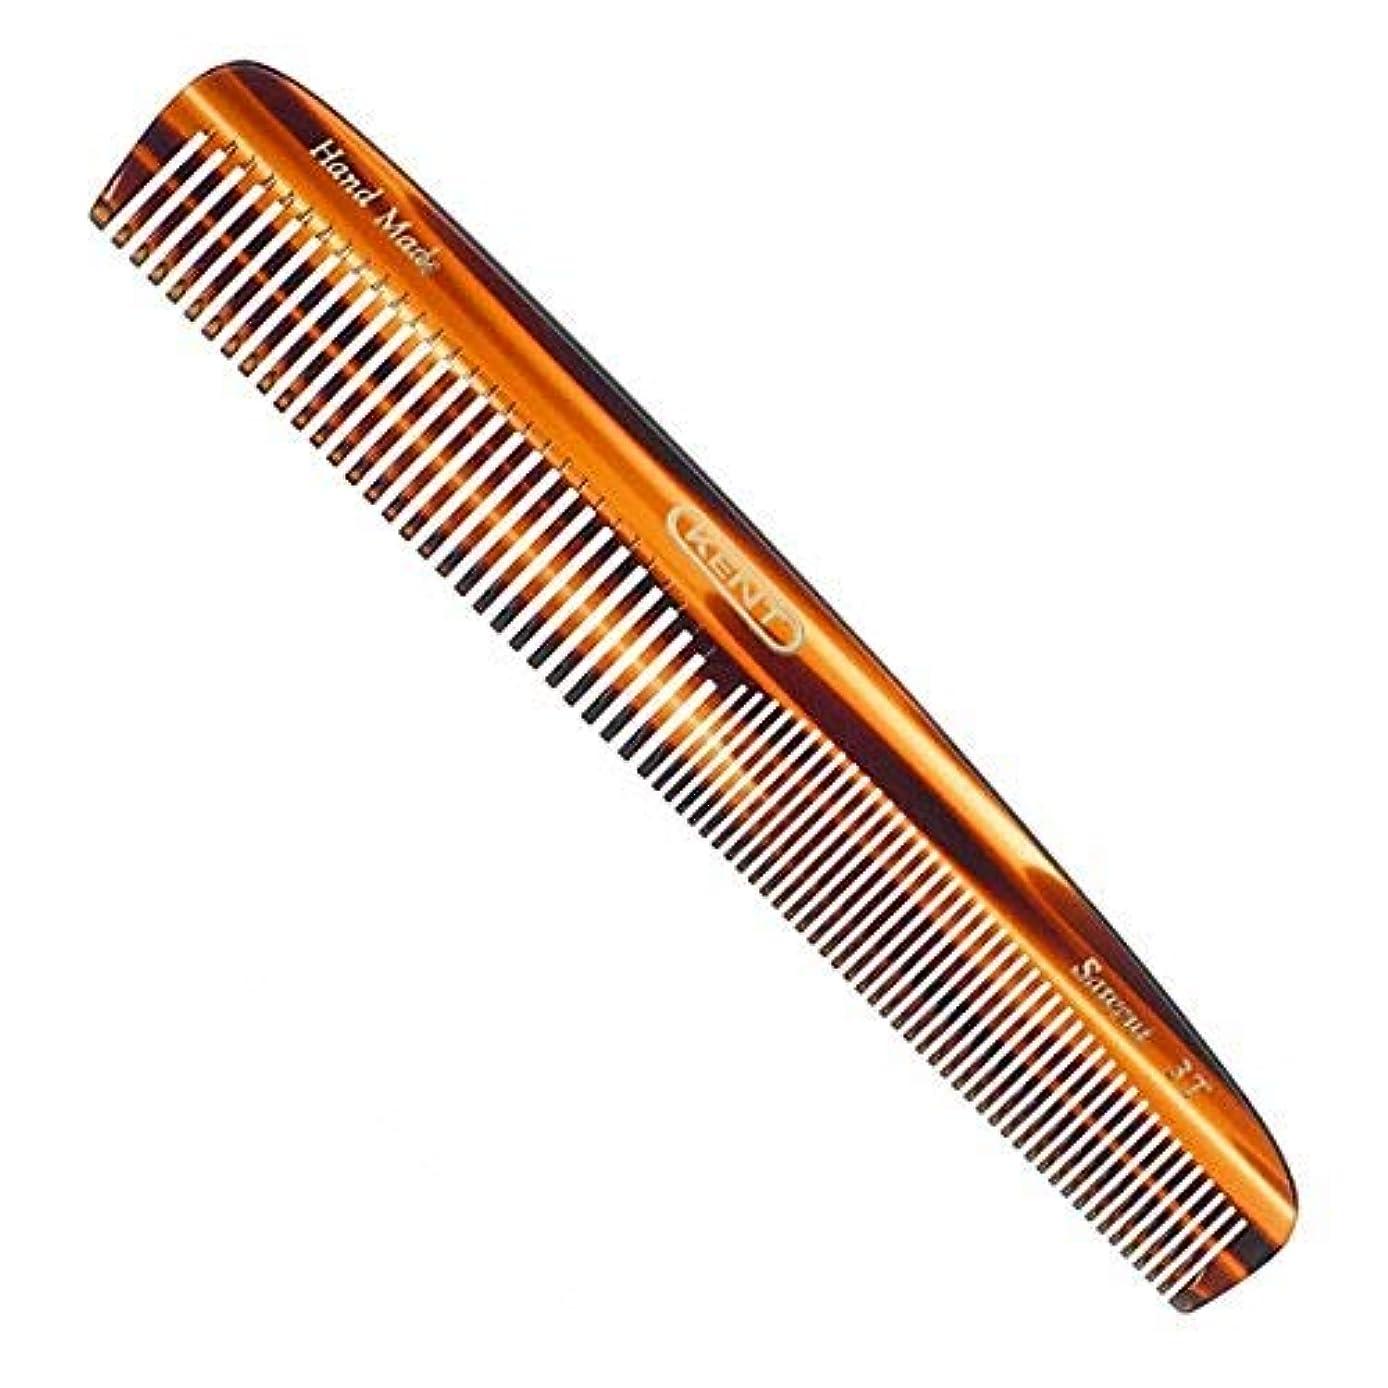 バケット加速するライブKent Handmade Saw Cut 148 Millimeter Coarse and Fine Tooth Dressing Comb, Hand Sawn Cellulose Acetate with Rounded Teeth, Faux Tortoiseshell Design, A 3T [並行輸入品]